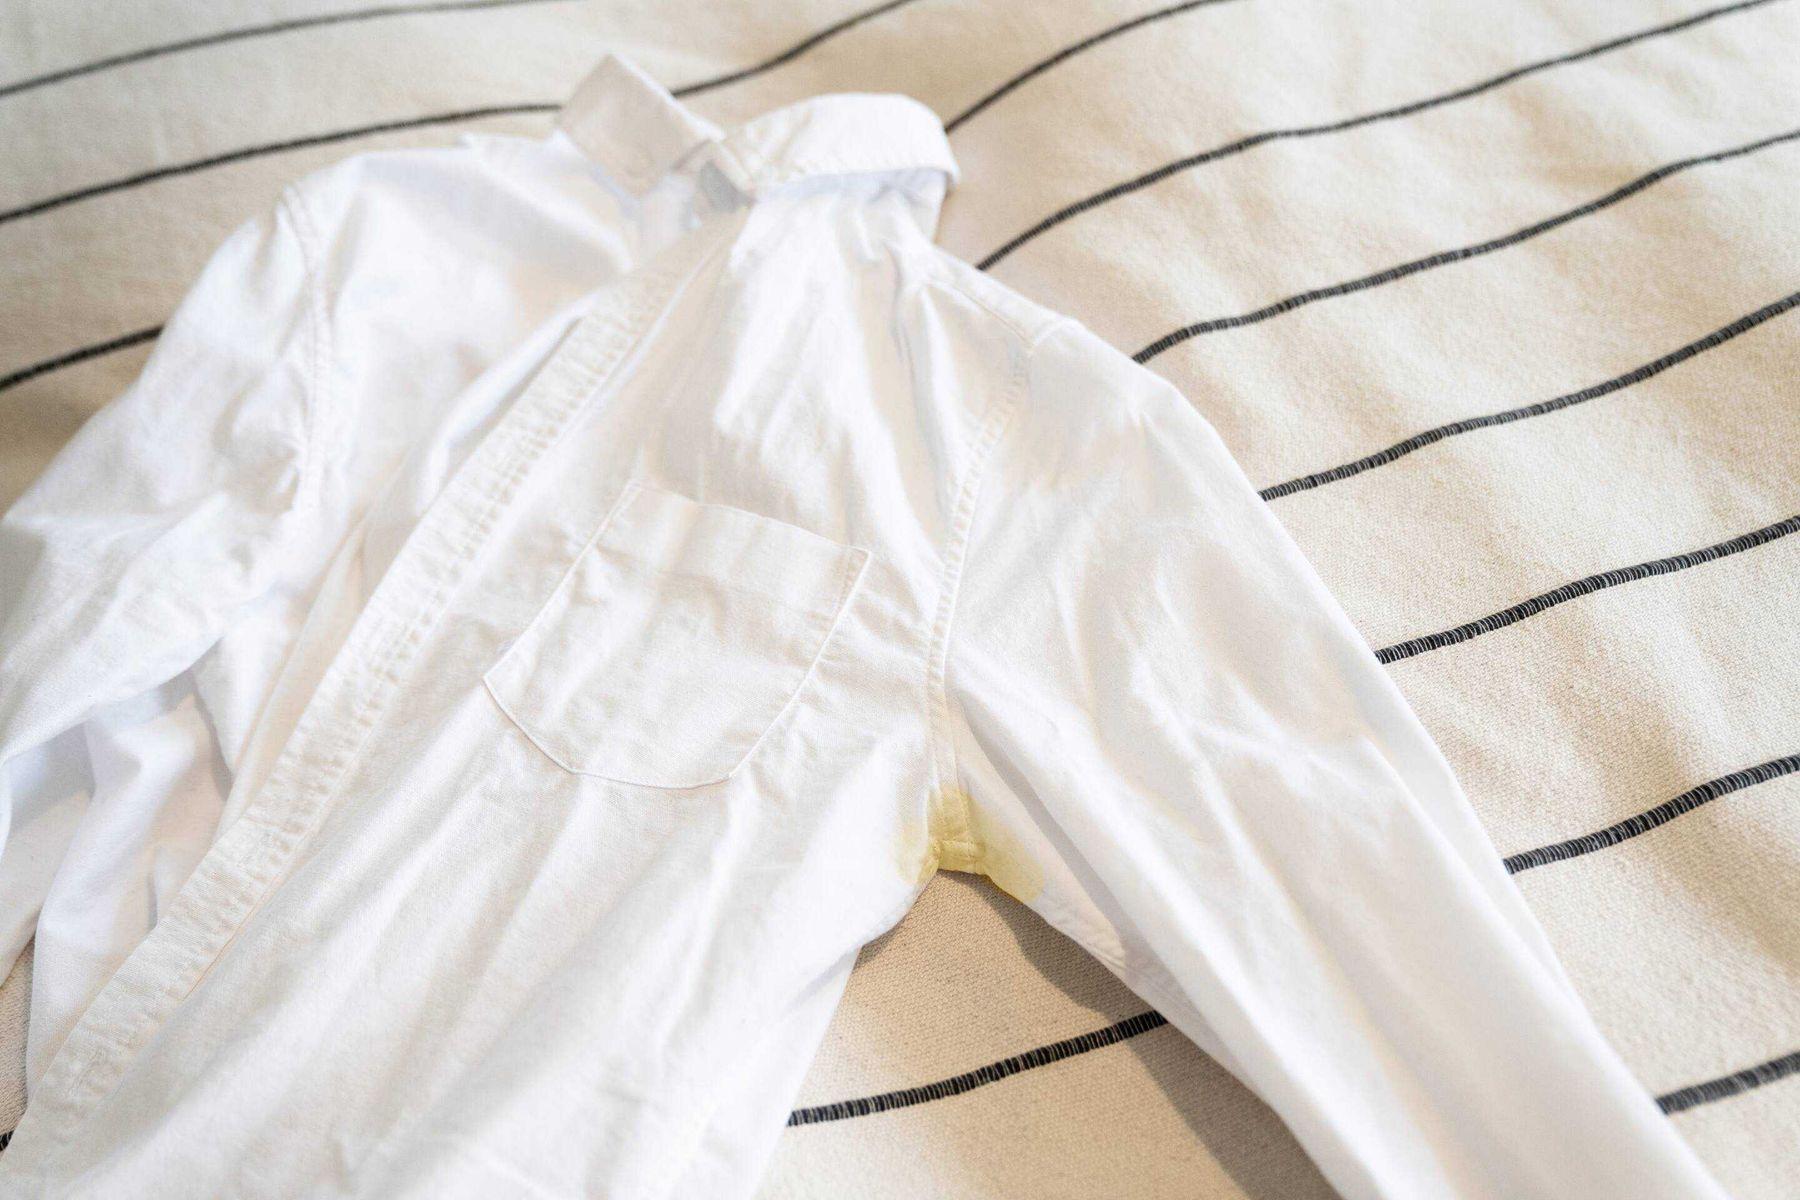 Camiseta branca com mancha debaixo do braço